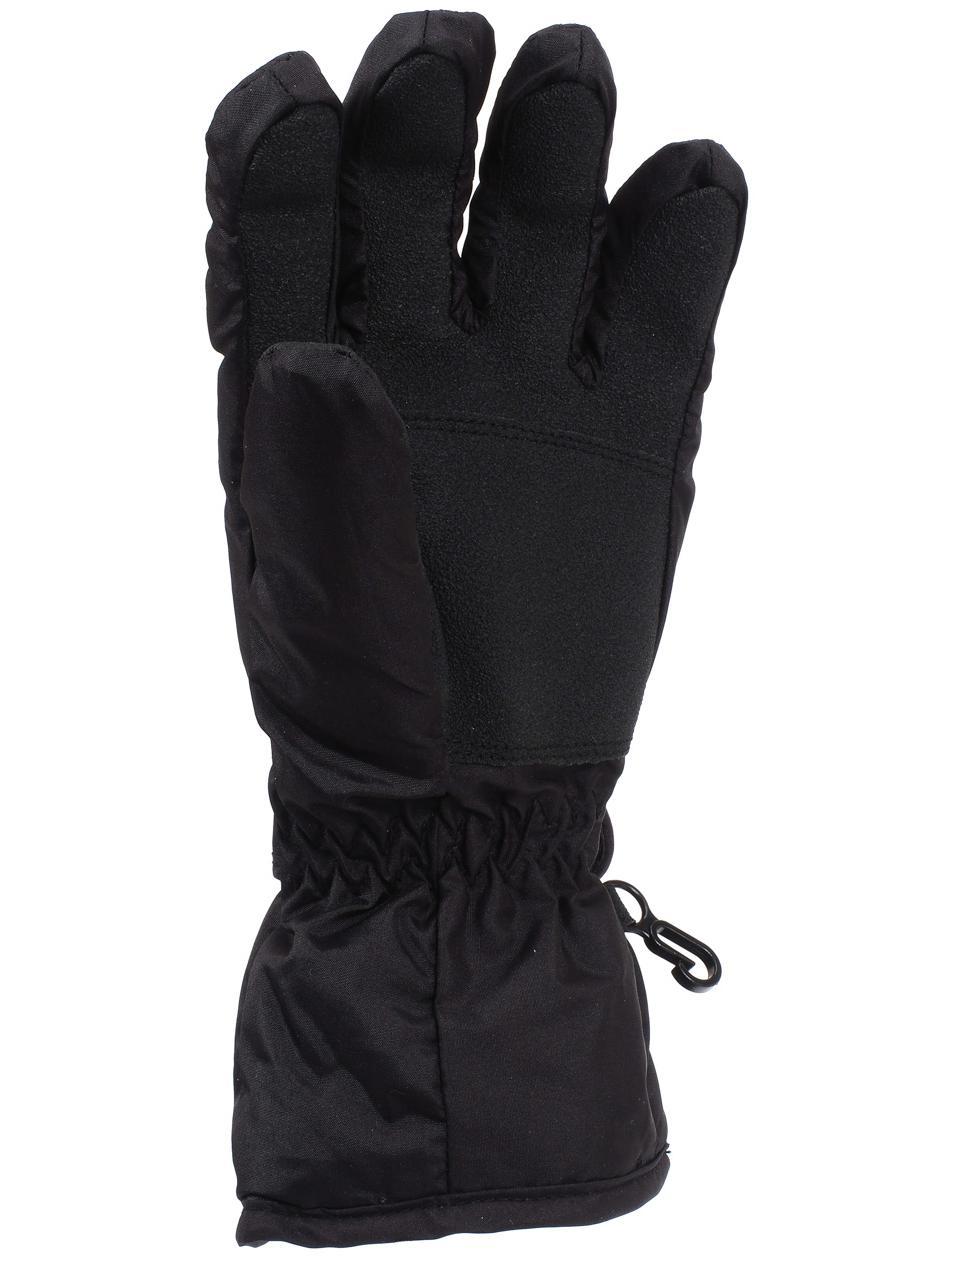 Ski-Gloves-Alpes-Vertigo-Annick-Black-Gloves-Ski-L-Black-25427-New thumbnail 5